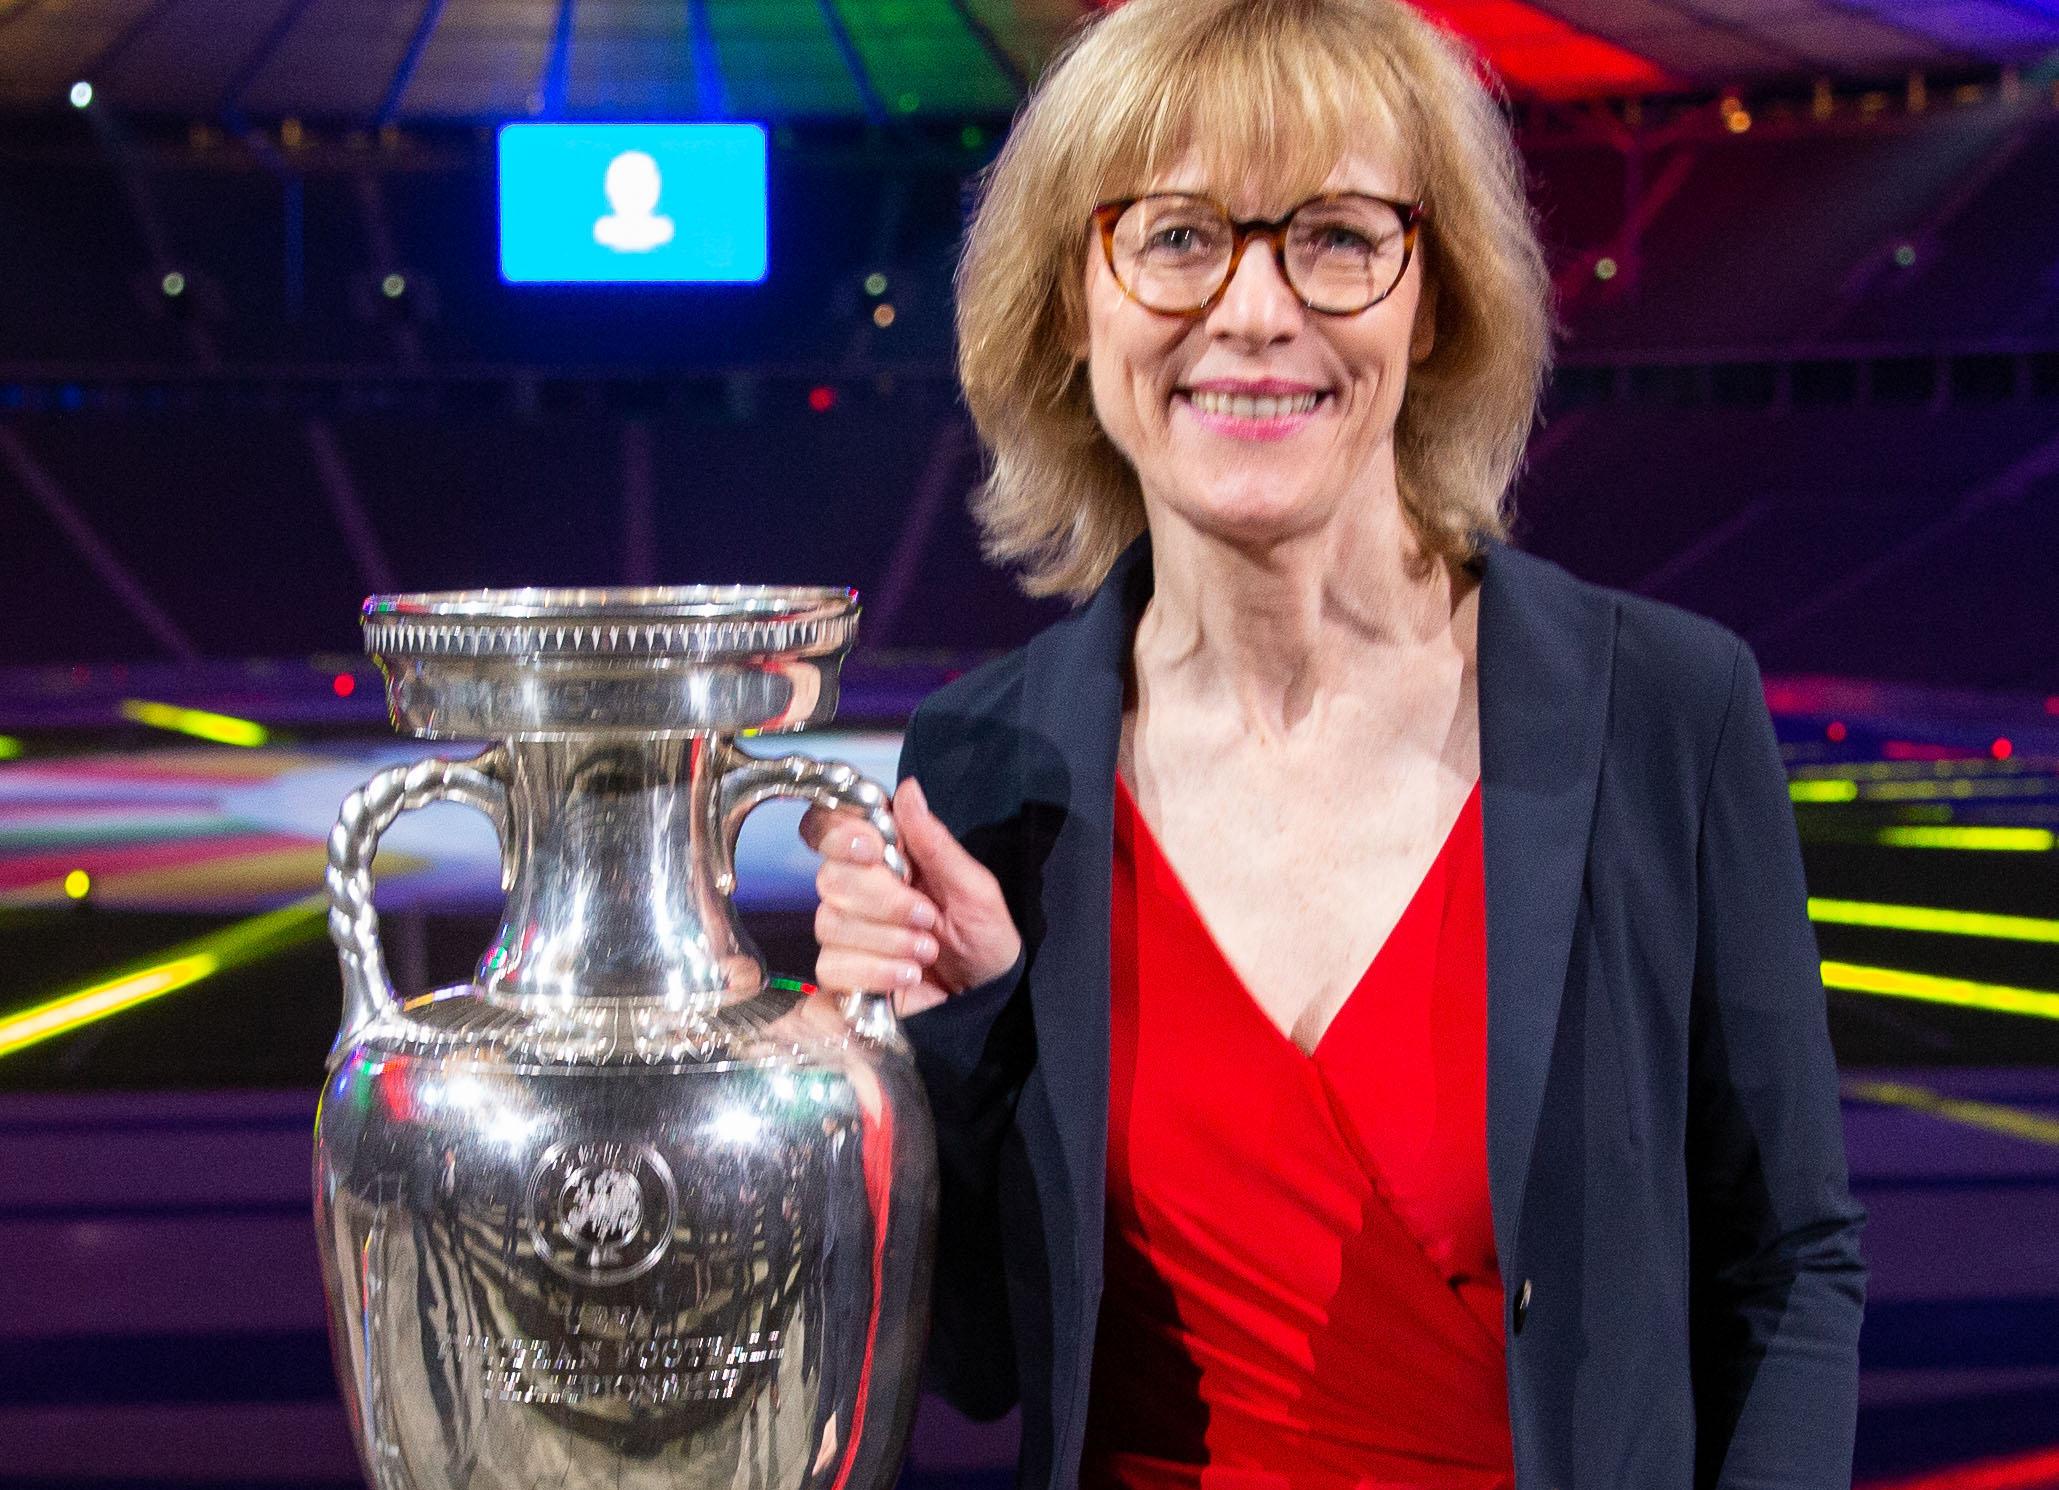 Das offizielle UEFA EURO 2024™ Logo der Stadt Gelsenkirchen wurde am Dienstagabend im Berliner Olympiastadion der Öffentlichkeit präsentiert. Oberbürgermeisterin Karin Welge war vor Ort, um das Gelsenkirchener Logo symbolisch in Empfang zu nehmen.